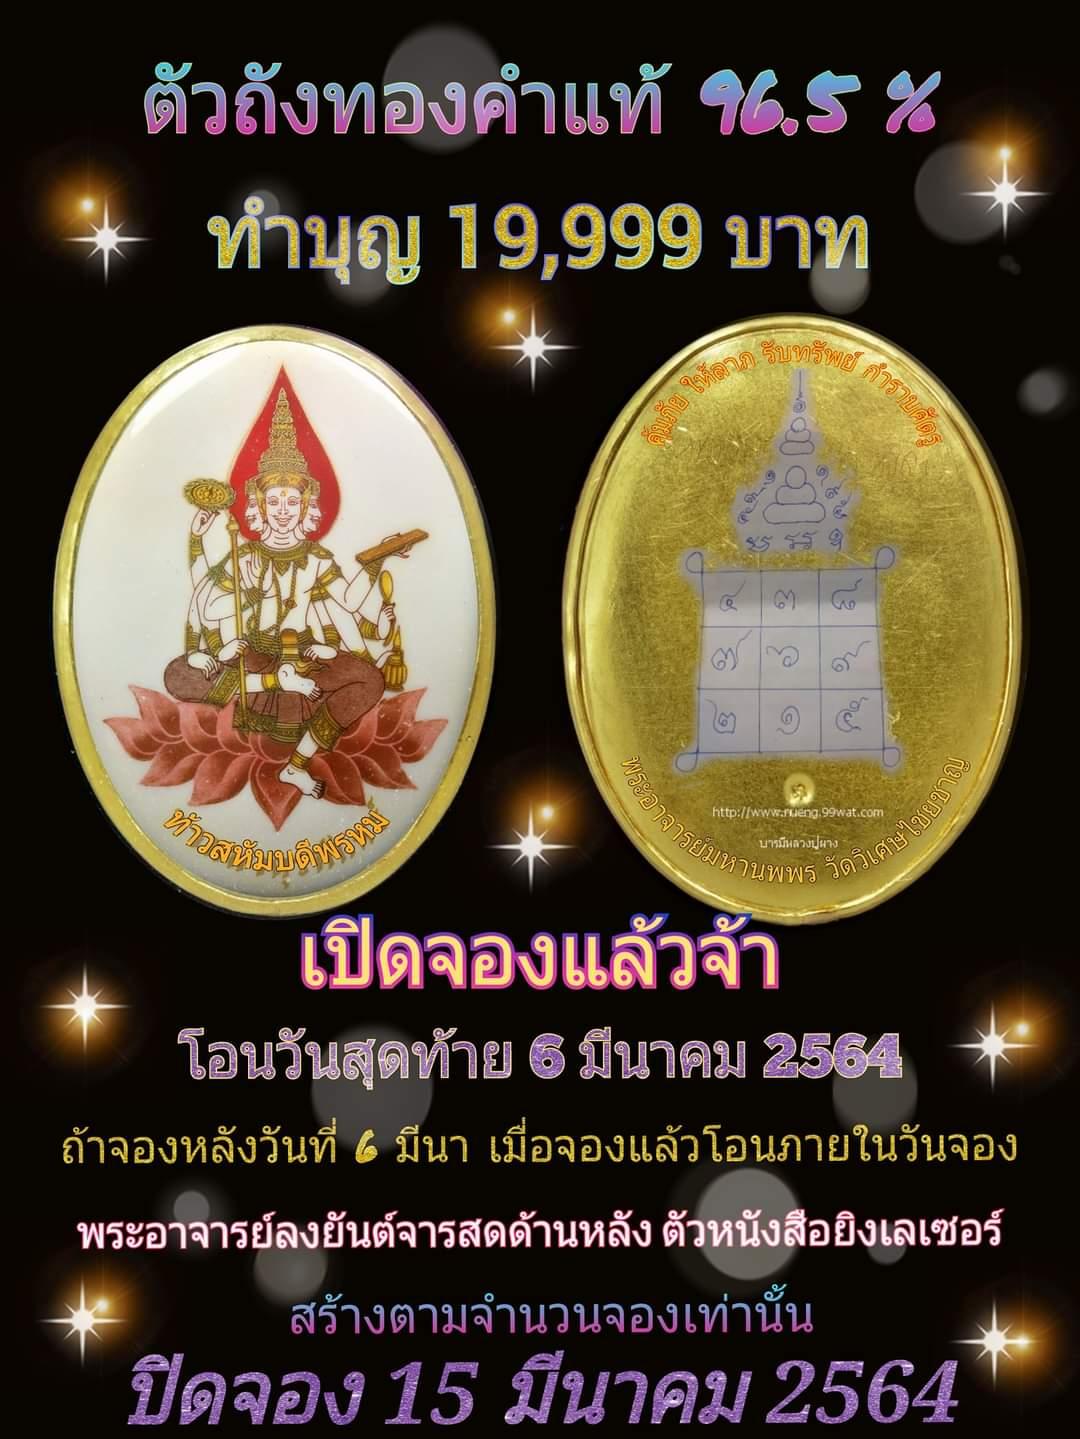 FB_IMG_1614411789780.jpg